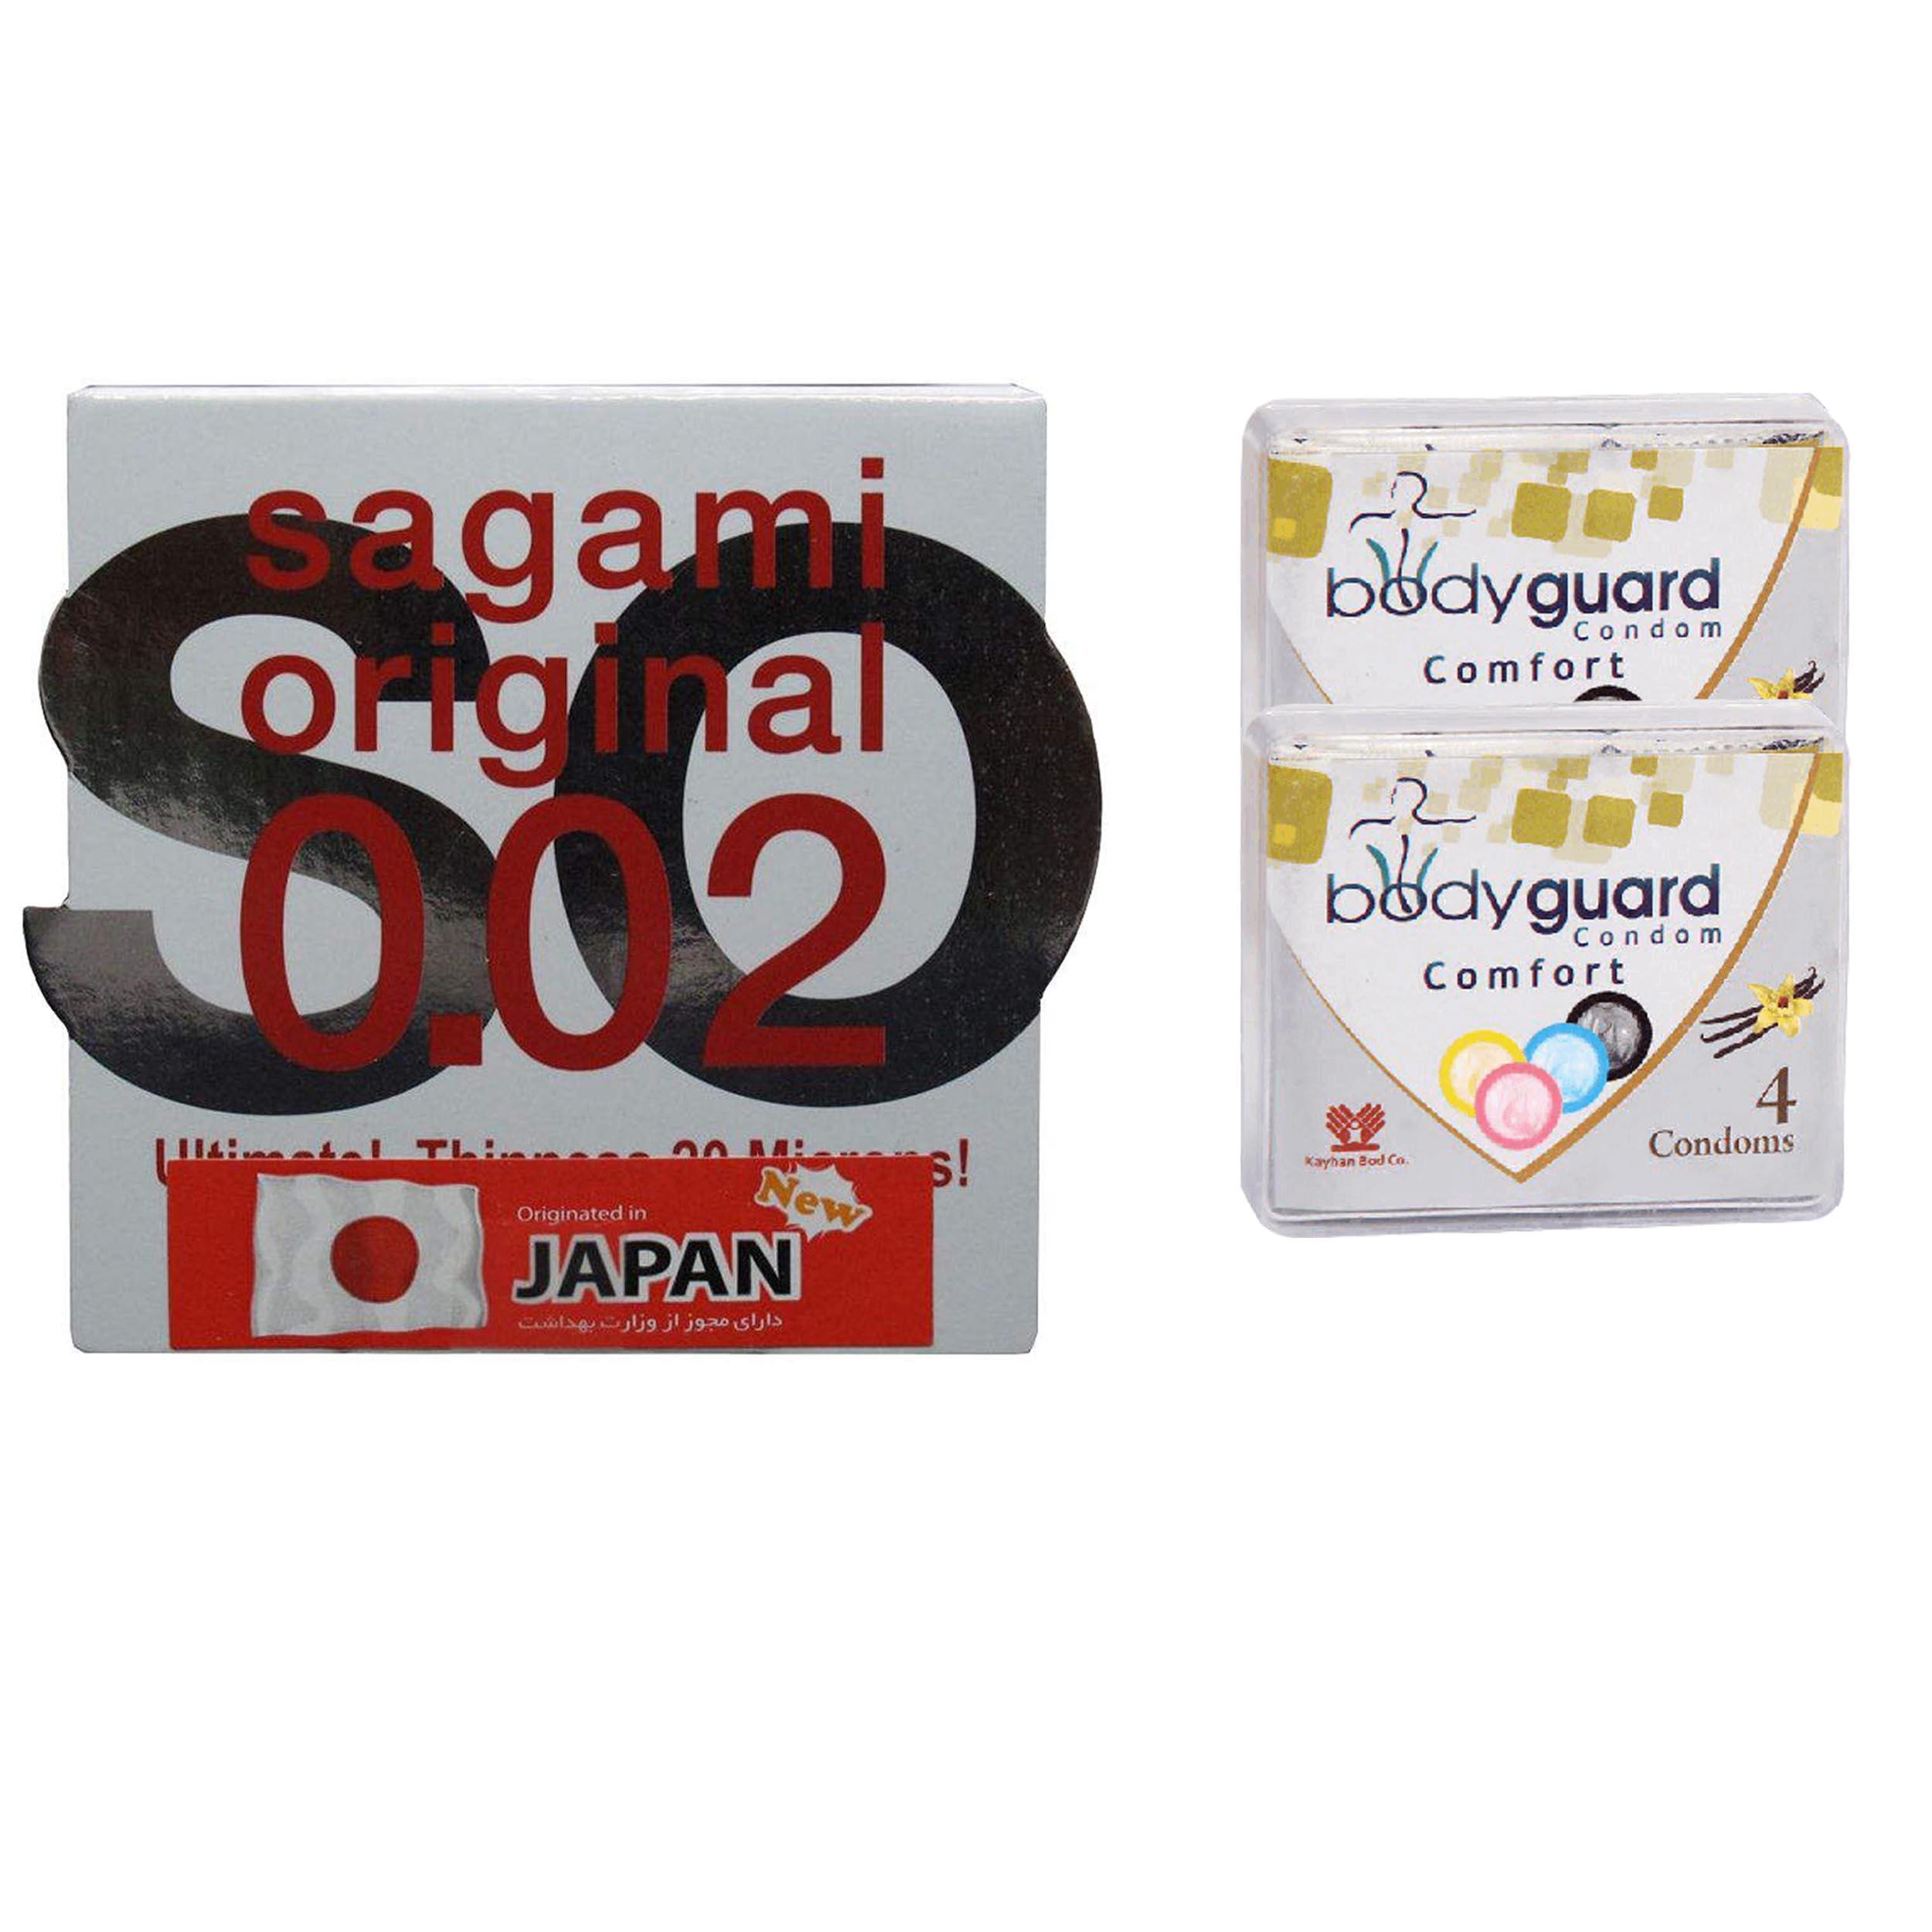 خرید                      کاندوم ساگامی مدل نرمال به همراه کاندوم بادی گارد مدل کامفورت مجموعه 2 عددی